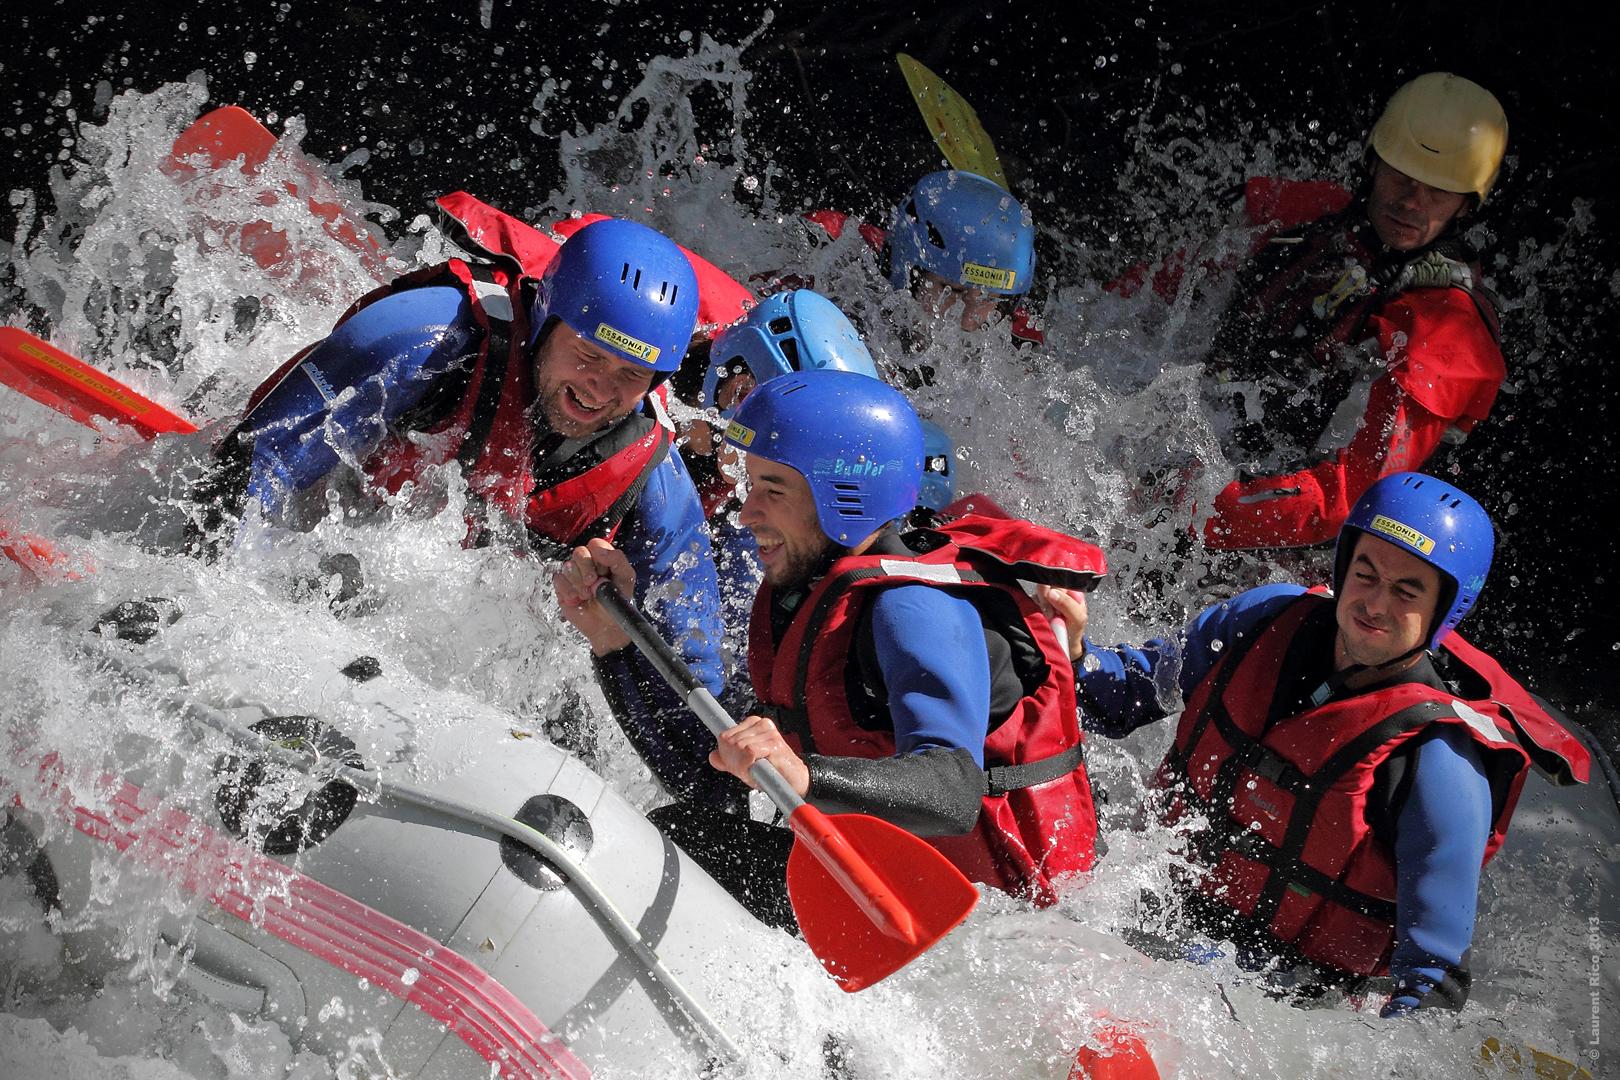 Laurent-rico-savoie-centron-photos-videos-reportage-isere-descente-essaonia-rafting-eau-vive-groupe-riviere-